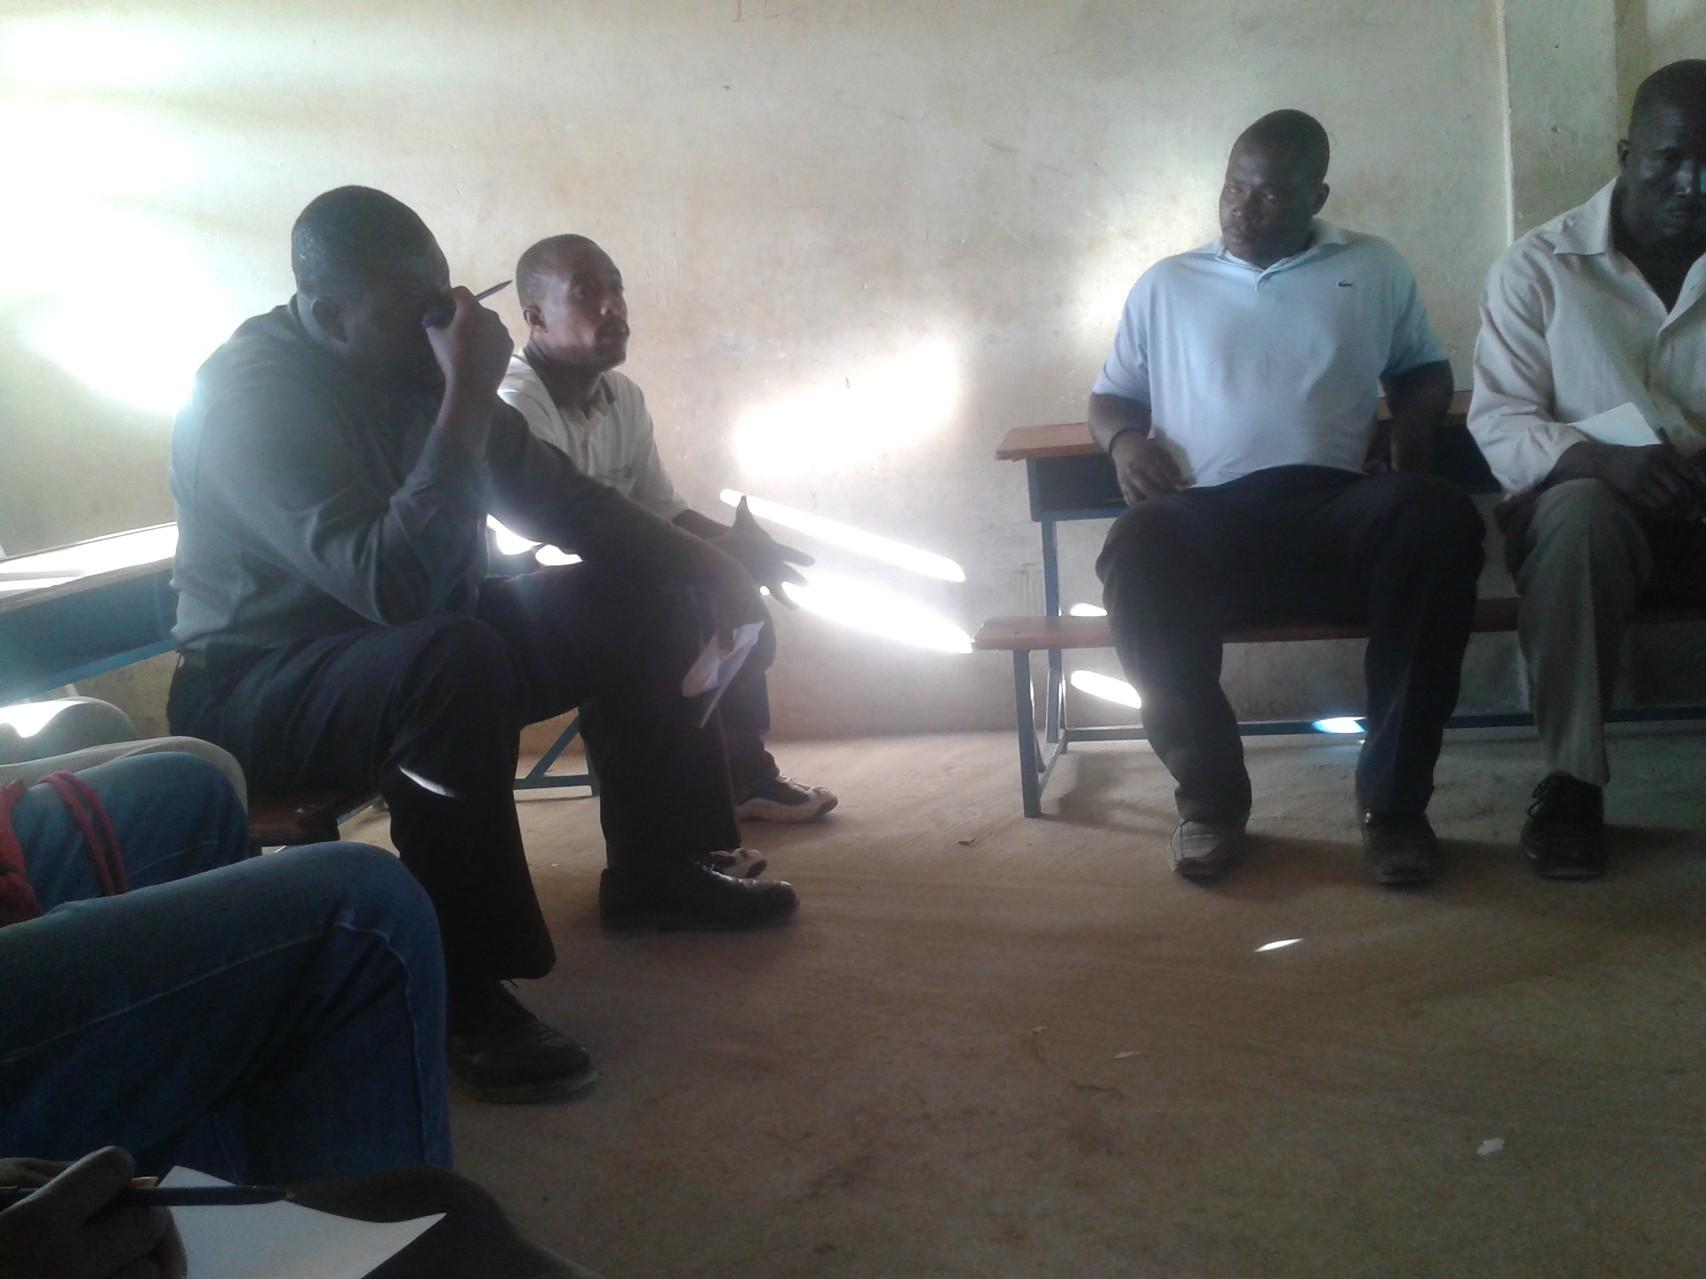 Réunion de préparation avant le début des travaux de la construction avec les autorités locales, association AJDELA (partenaire local) et les membres de APDH-Haïti